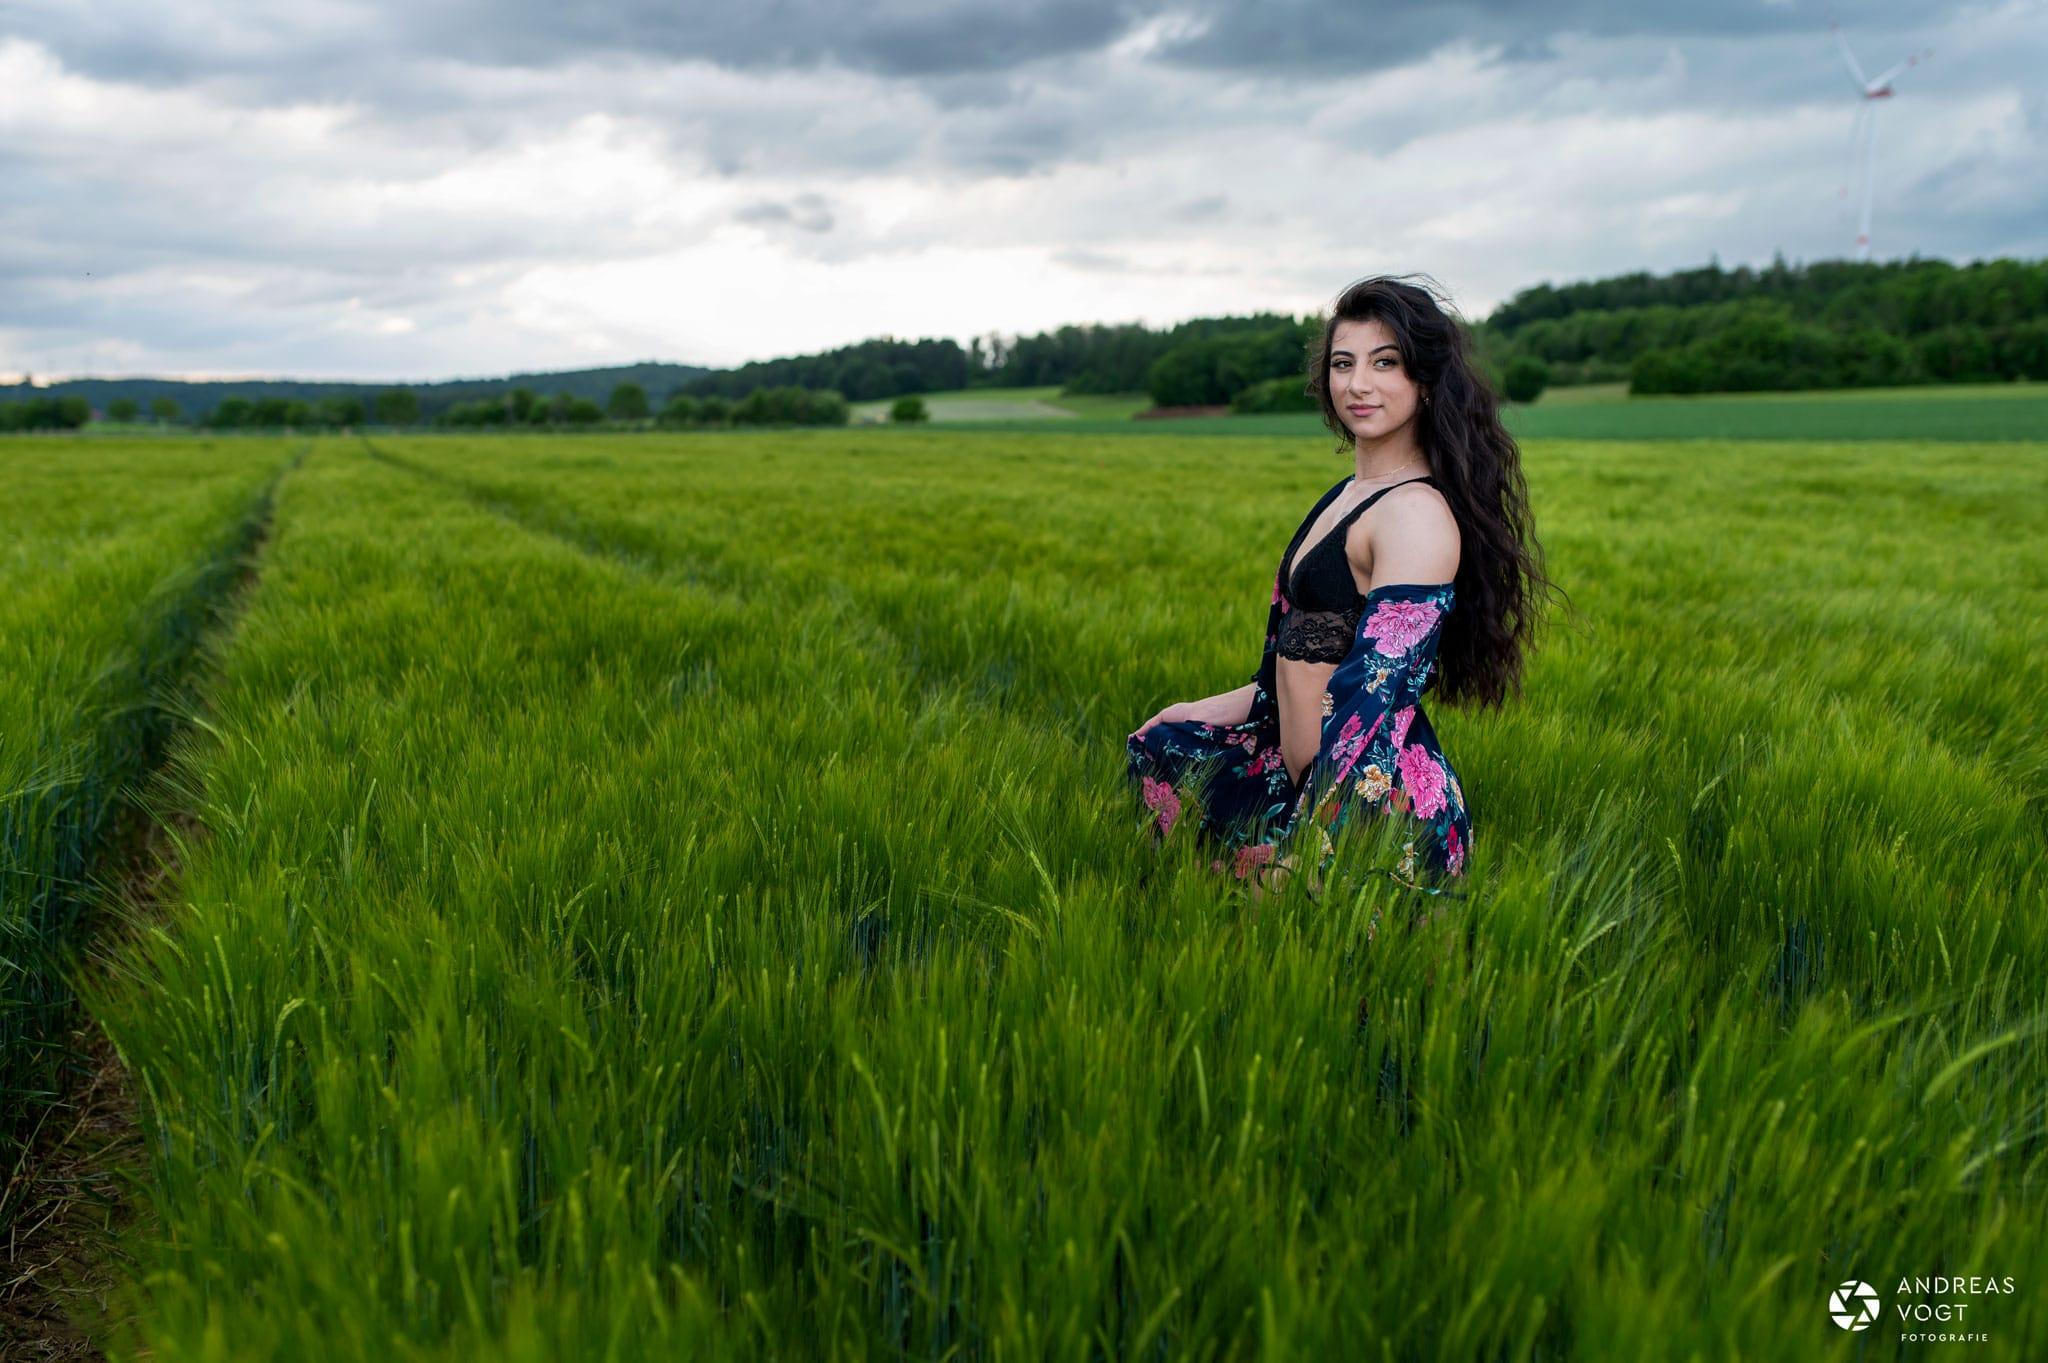 Dilara Dessousfotos im Kornfeld - Fotograf Andreas Vogt Aalen